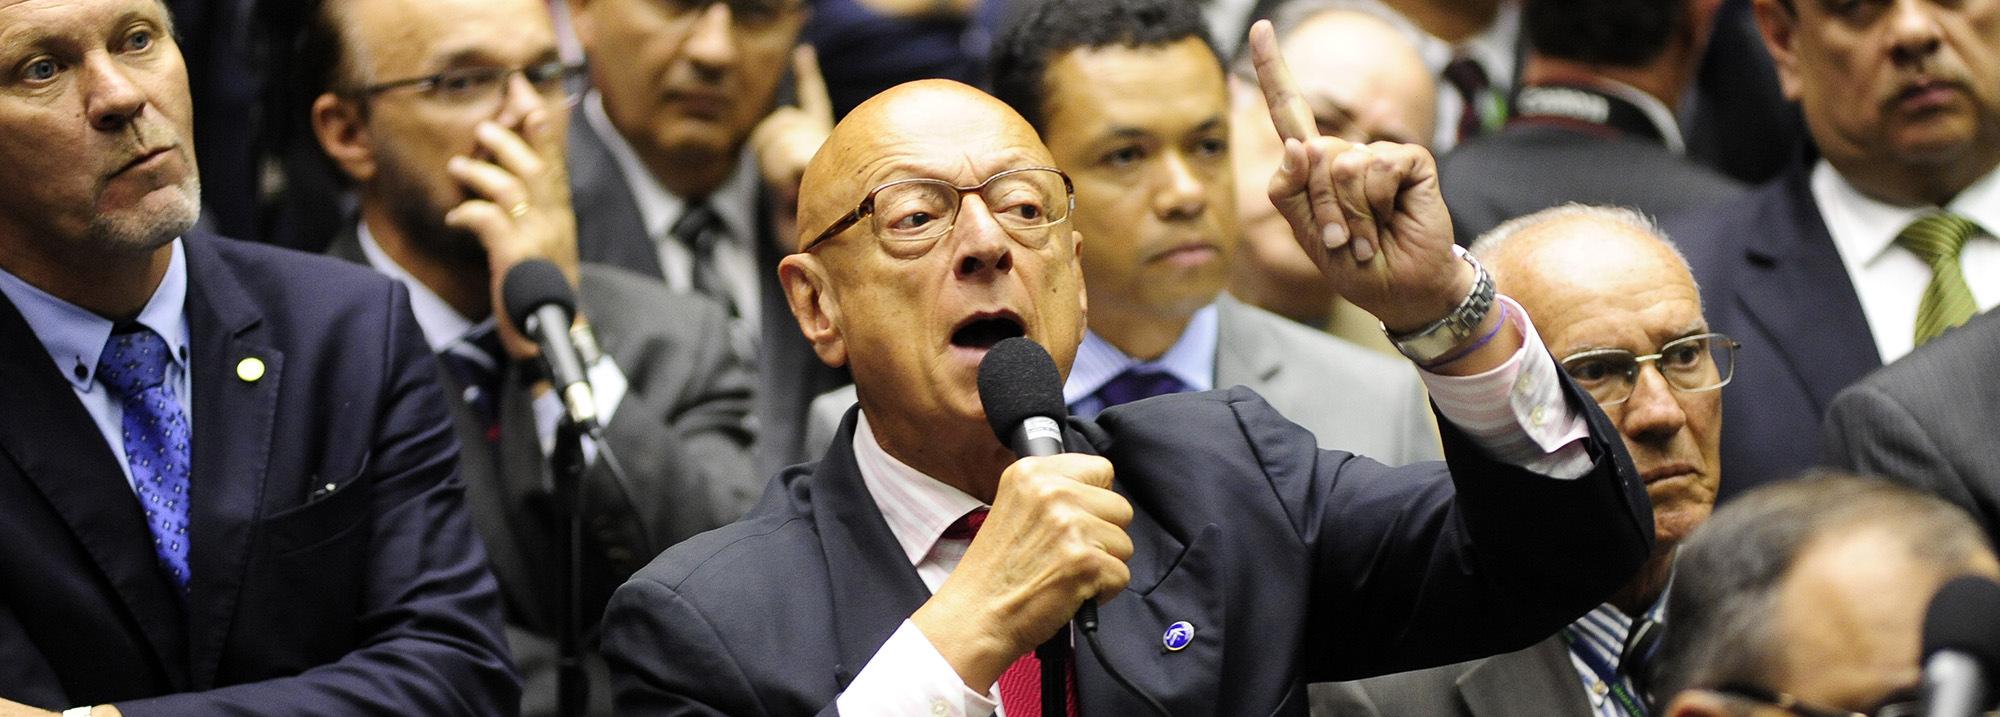 Esperidião-Amin-PEC-287